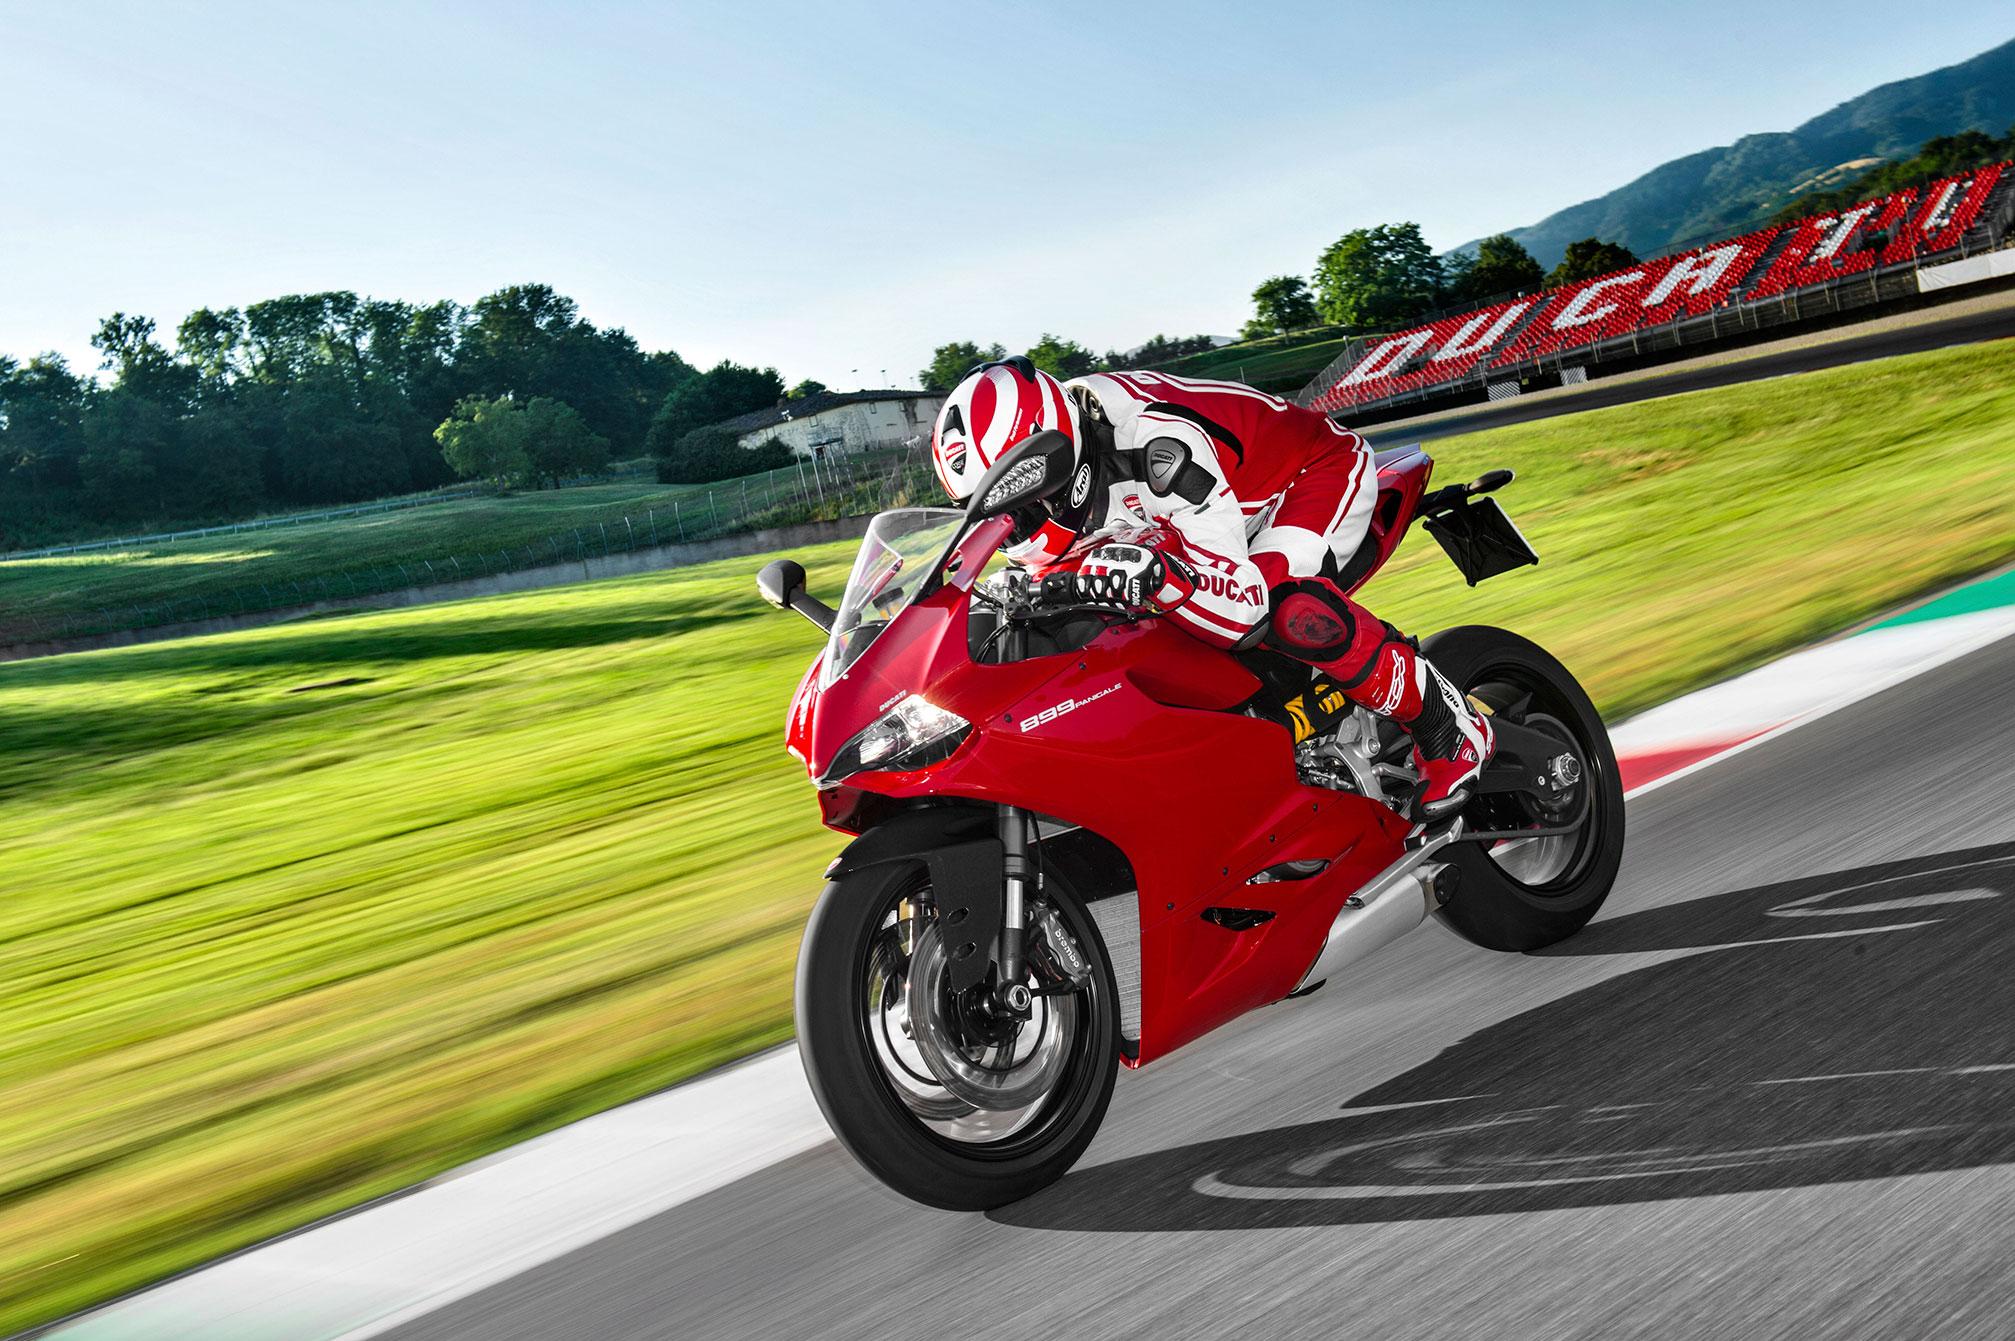 Мотоцикл Ducati море  № 3435478 бесплатно